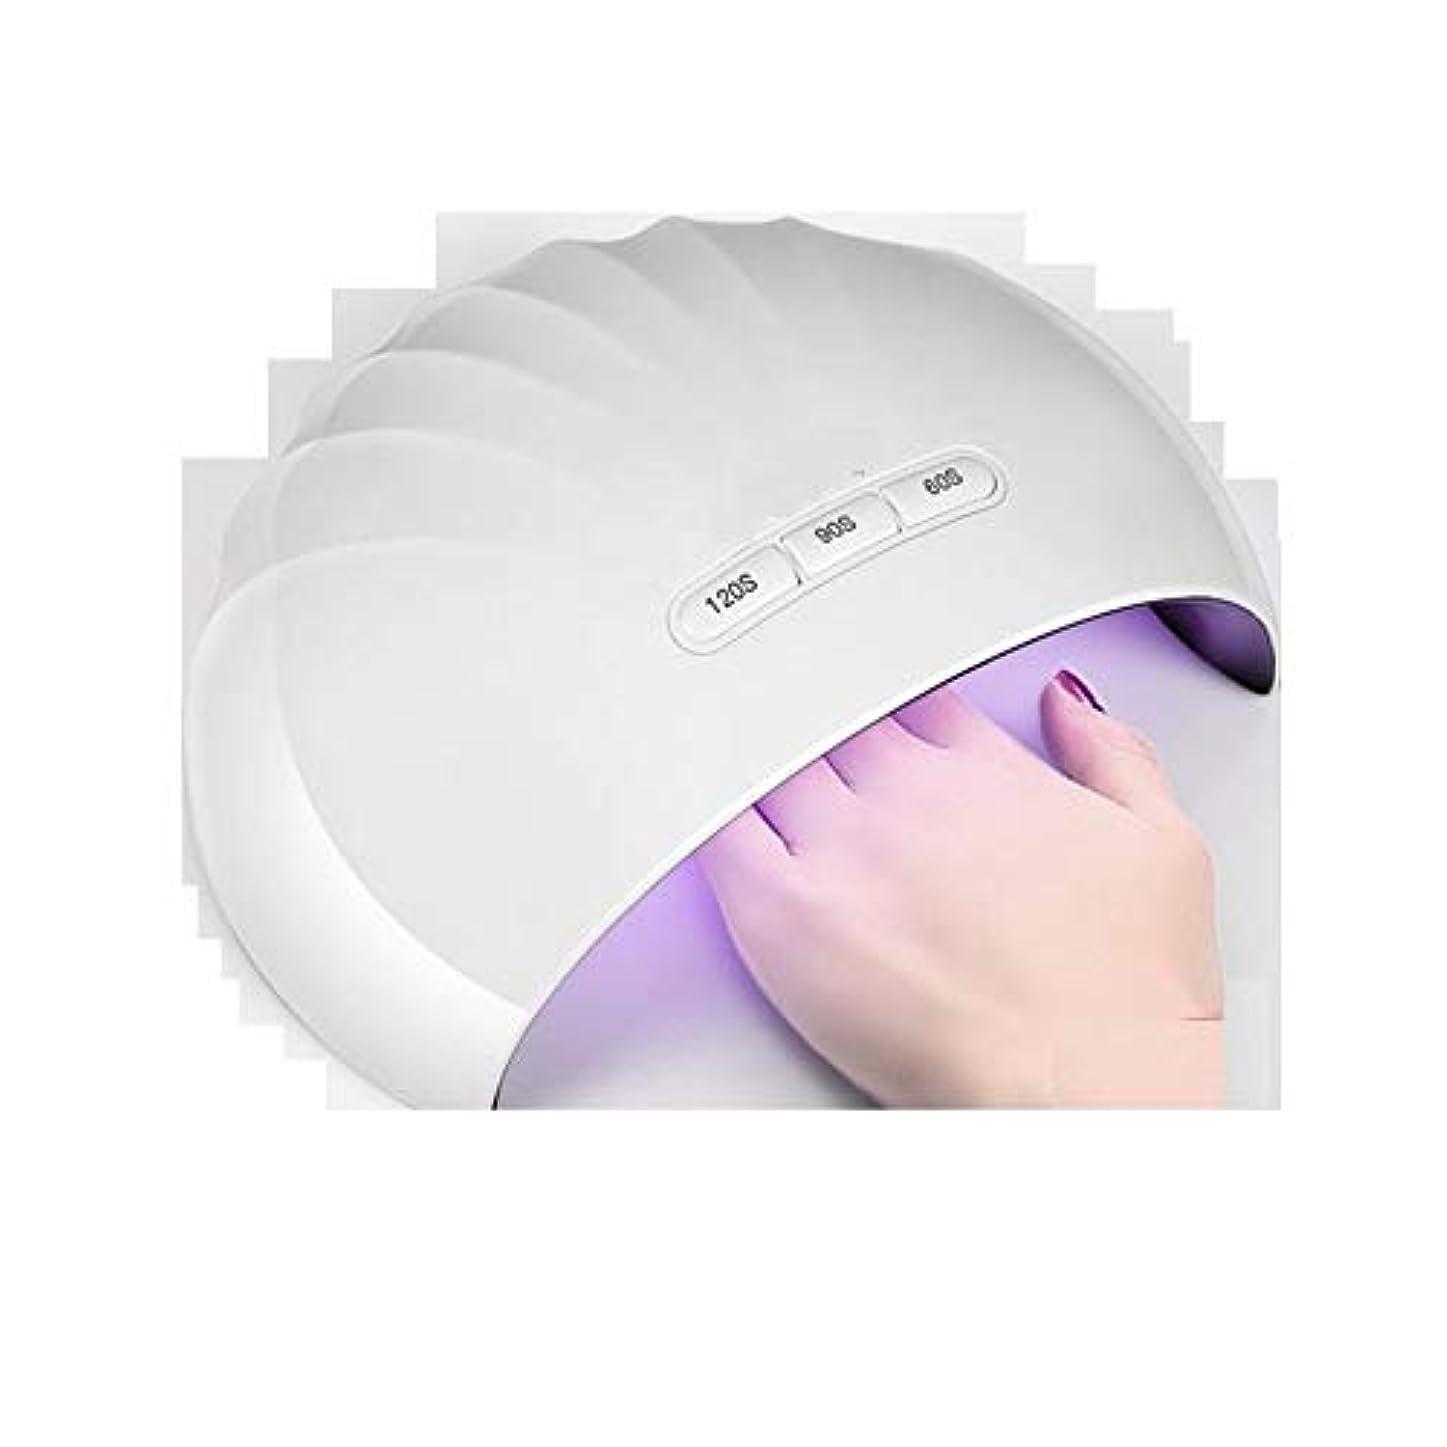 その後記憶範囲LittleCat ネイルネイル光線療法機ドライヤースマート36Wネイル12個のデュアル光源ランプビーズ (色 : White+USB cable)